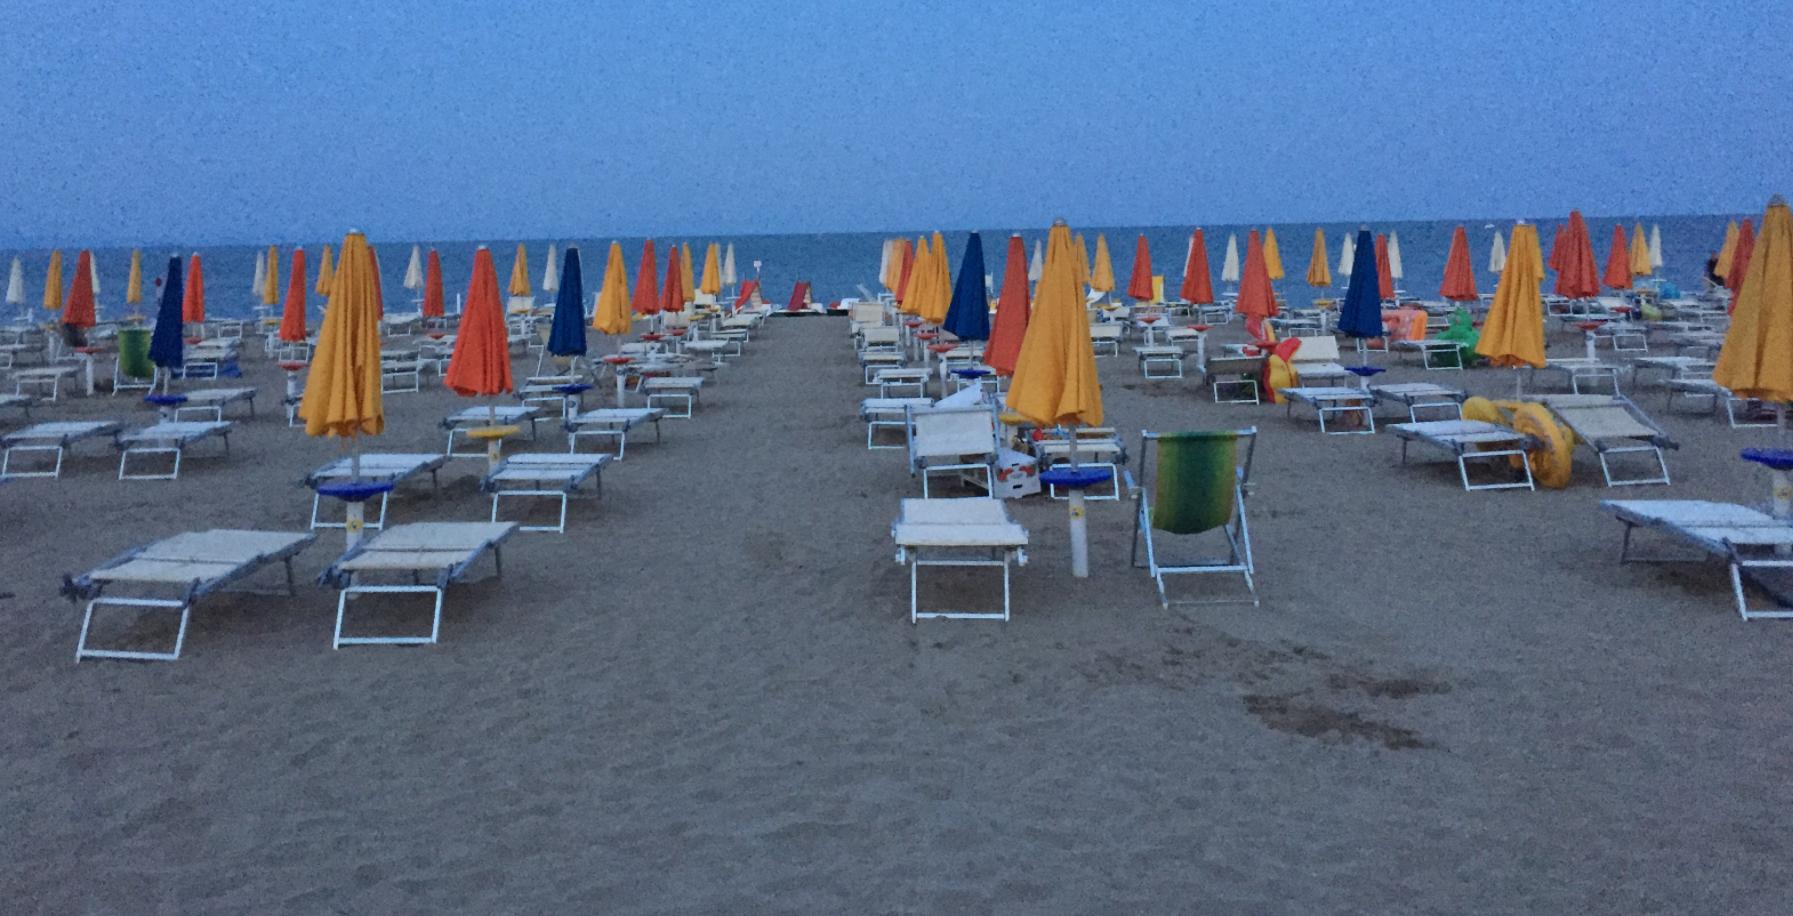 Ufficio Spiaggia 1 Granchio